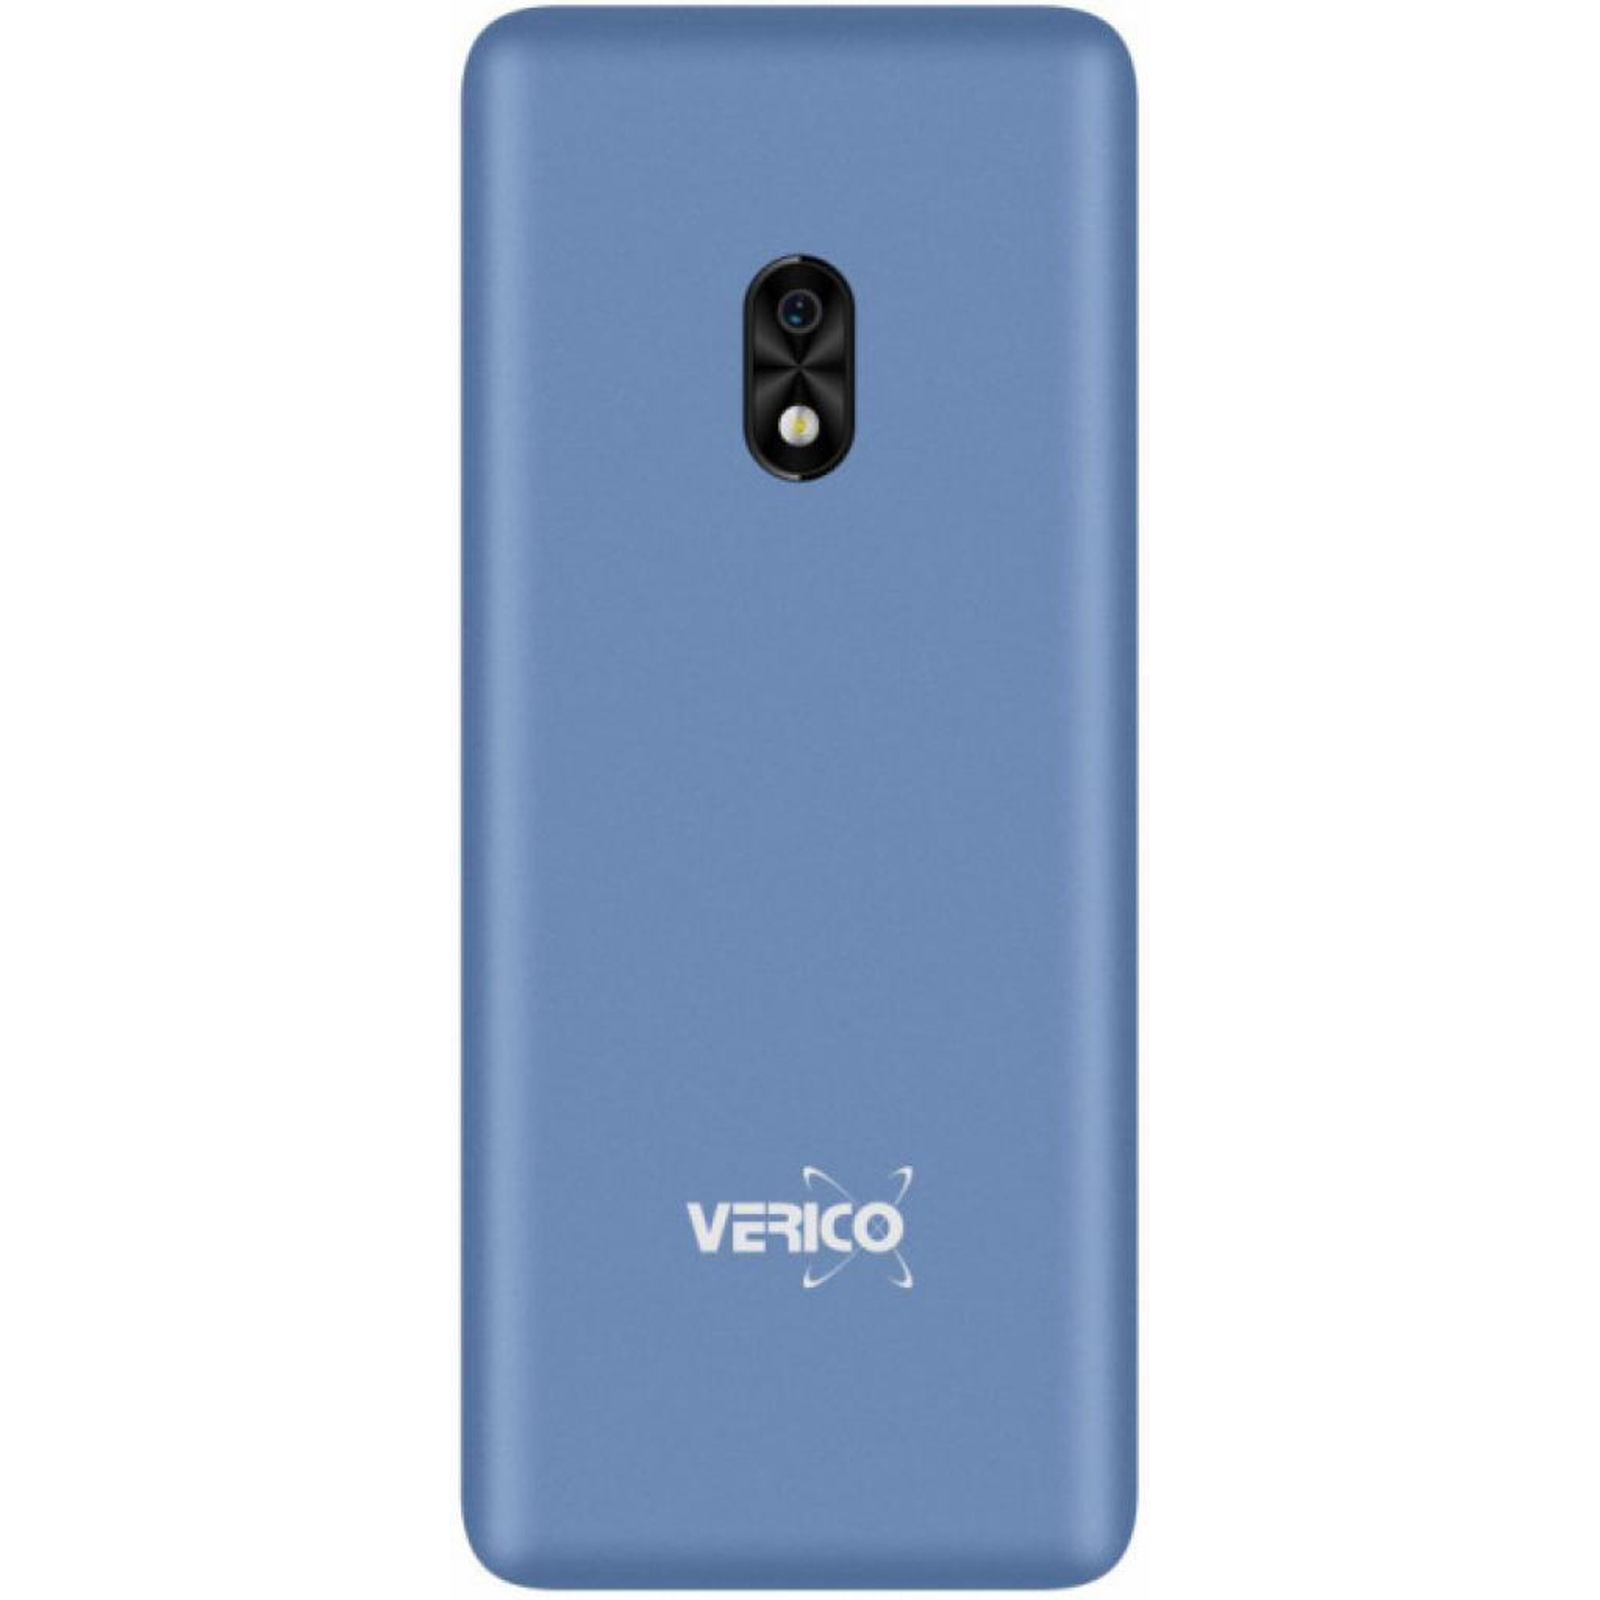 Мобильный телефон Verico Qin S282 Black (4713095606748) изображение 2